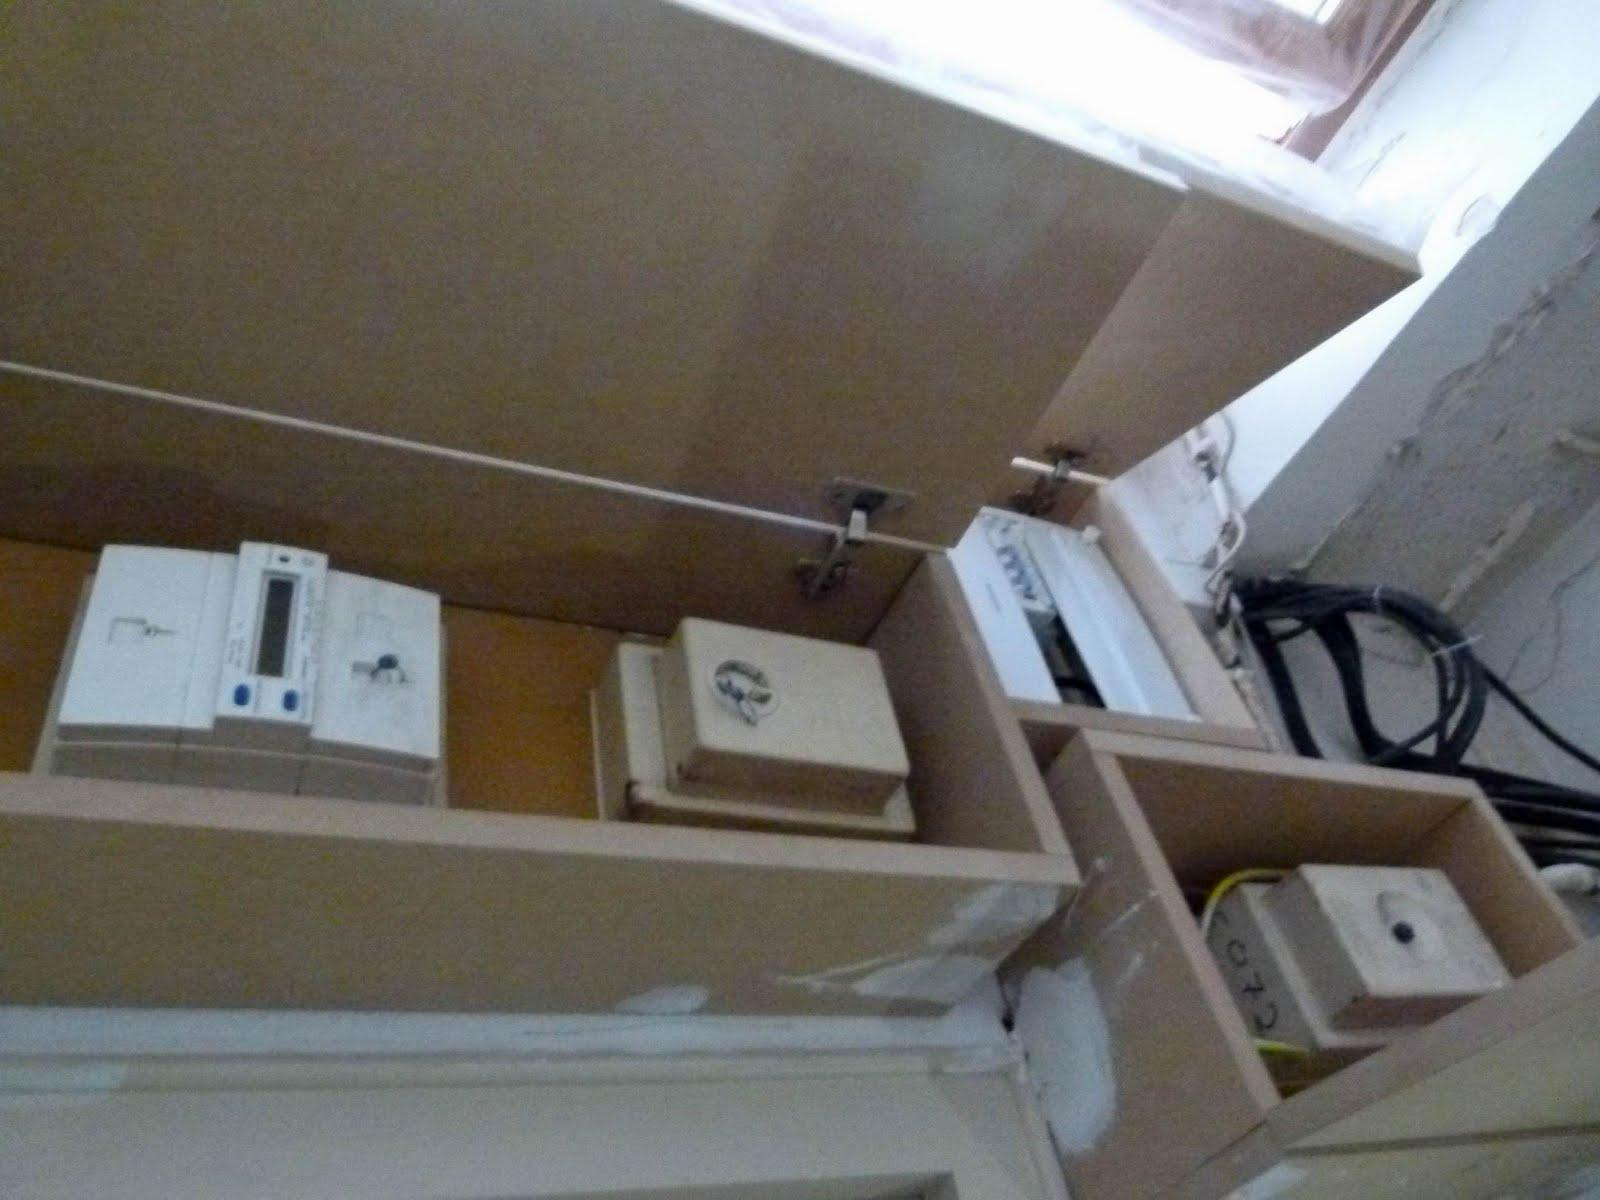 les ecuries de marie antoinette phase 2 parties communes interieures. Black Bedroom Furniture Sets. Home Design Ideas